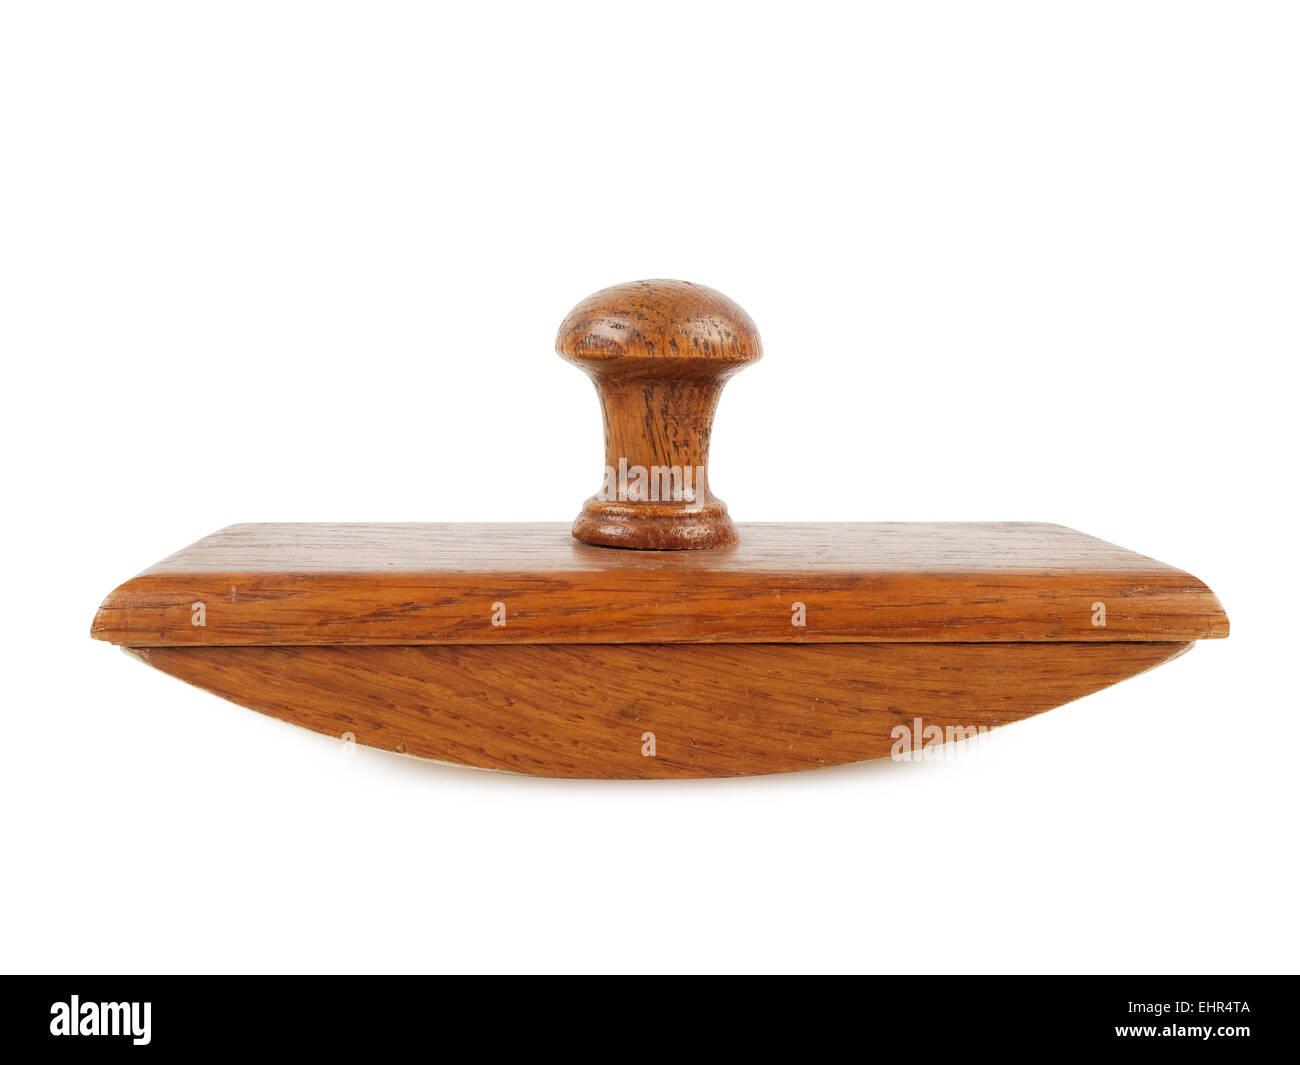 Bureau en bois sous main d encre isolated on white background